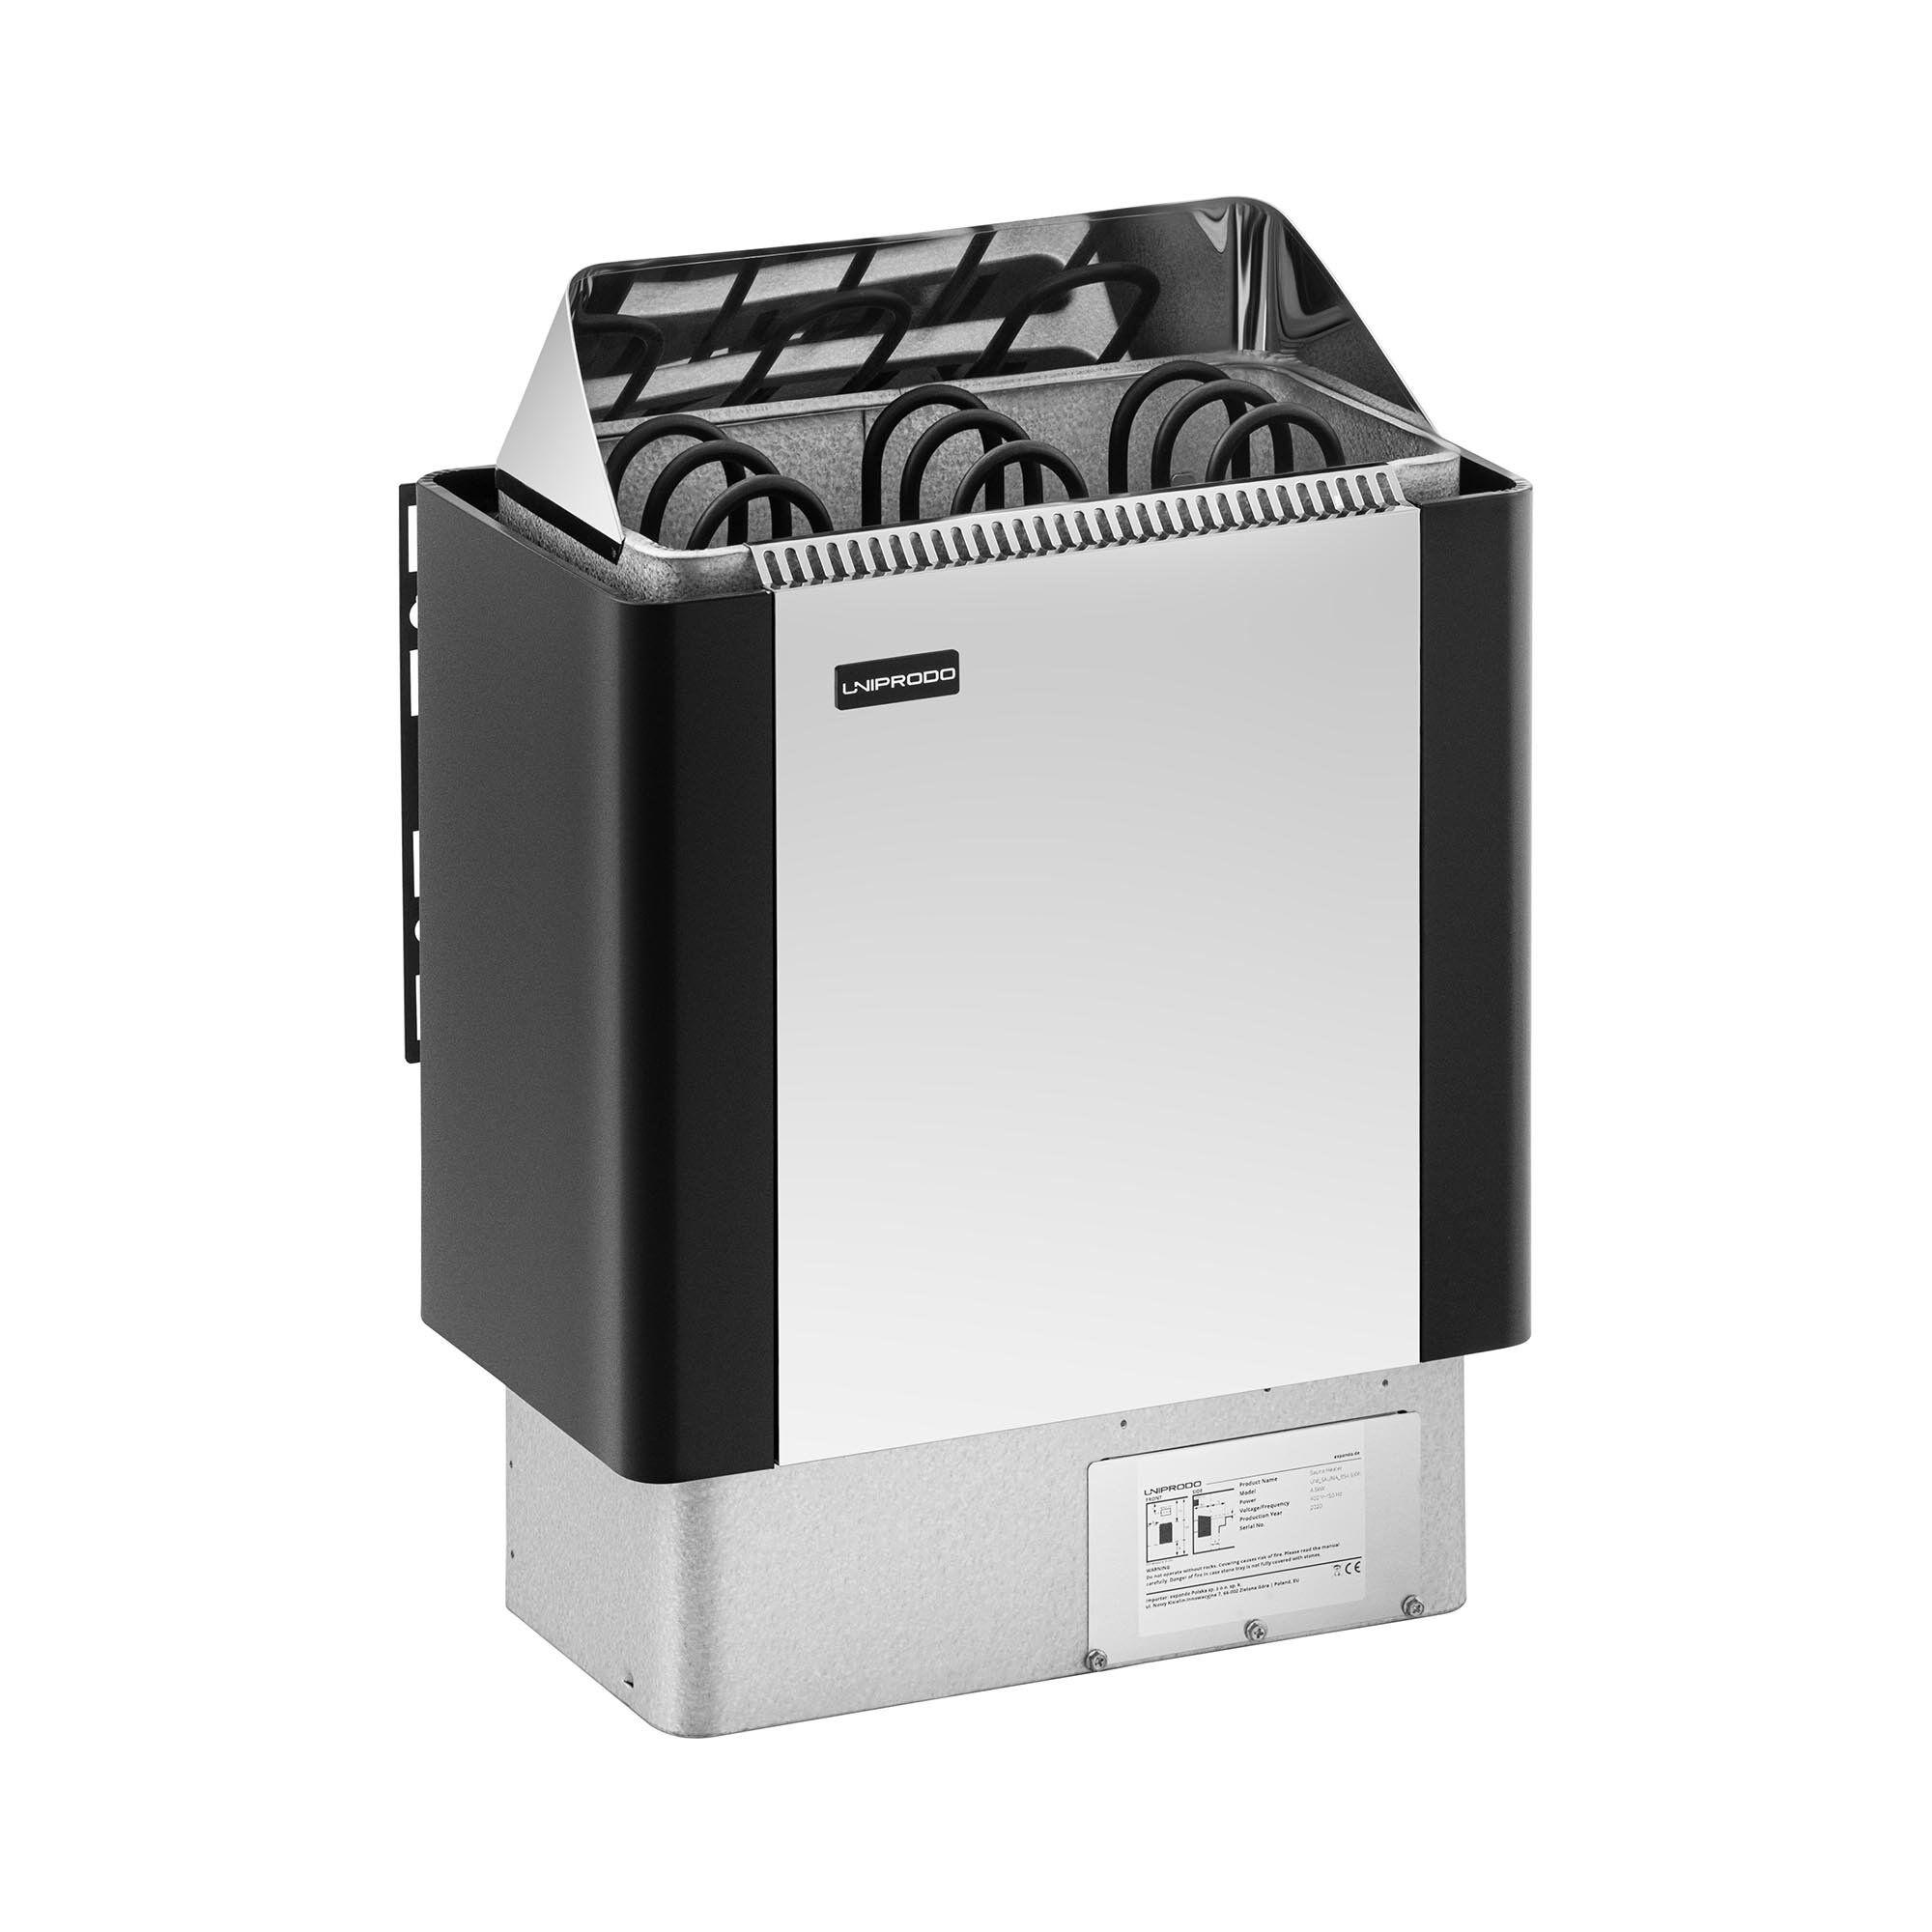 Uniprodo Saunaovn - 4,5 kW - 30 til 110 °C - front af rustfrit stål UNI_SAUNA_BS4.5KW